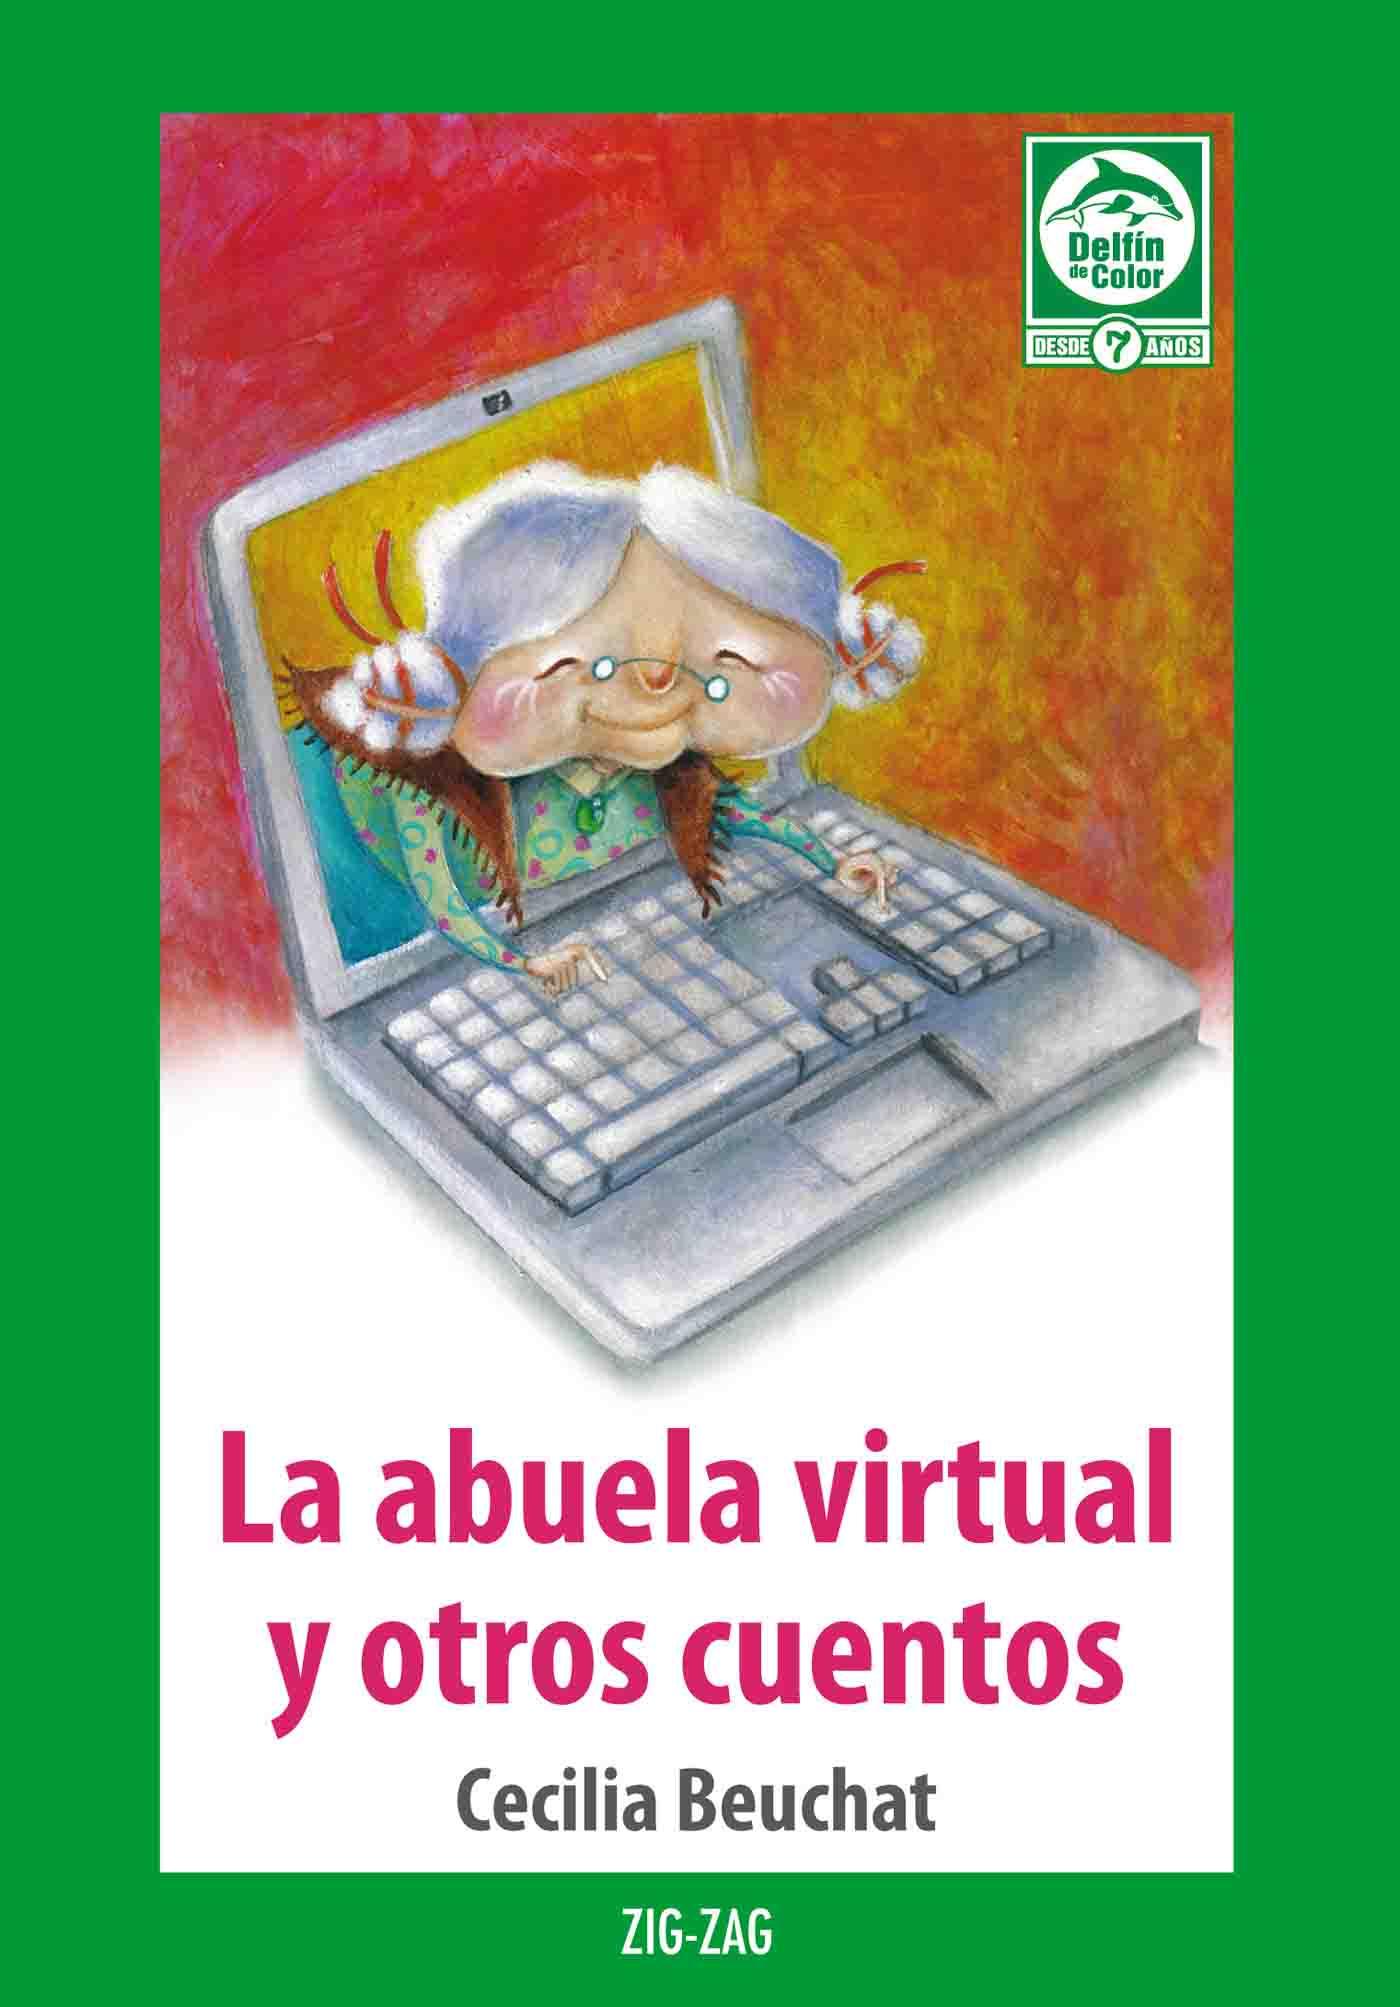 La abuela virtual y otros cuentos